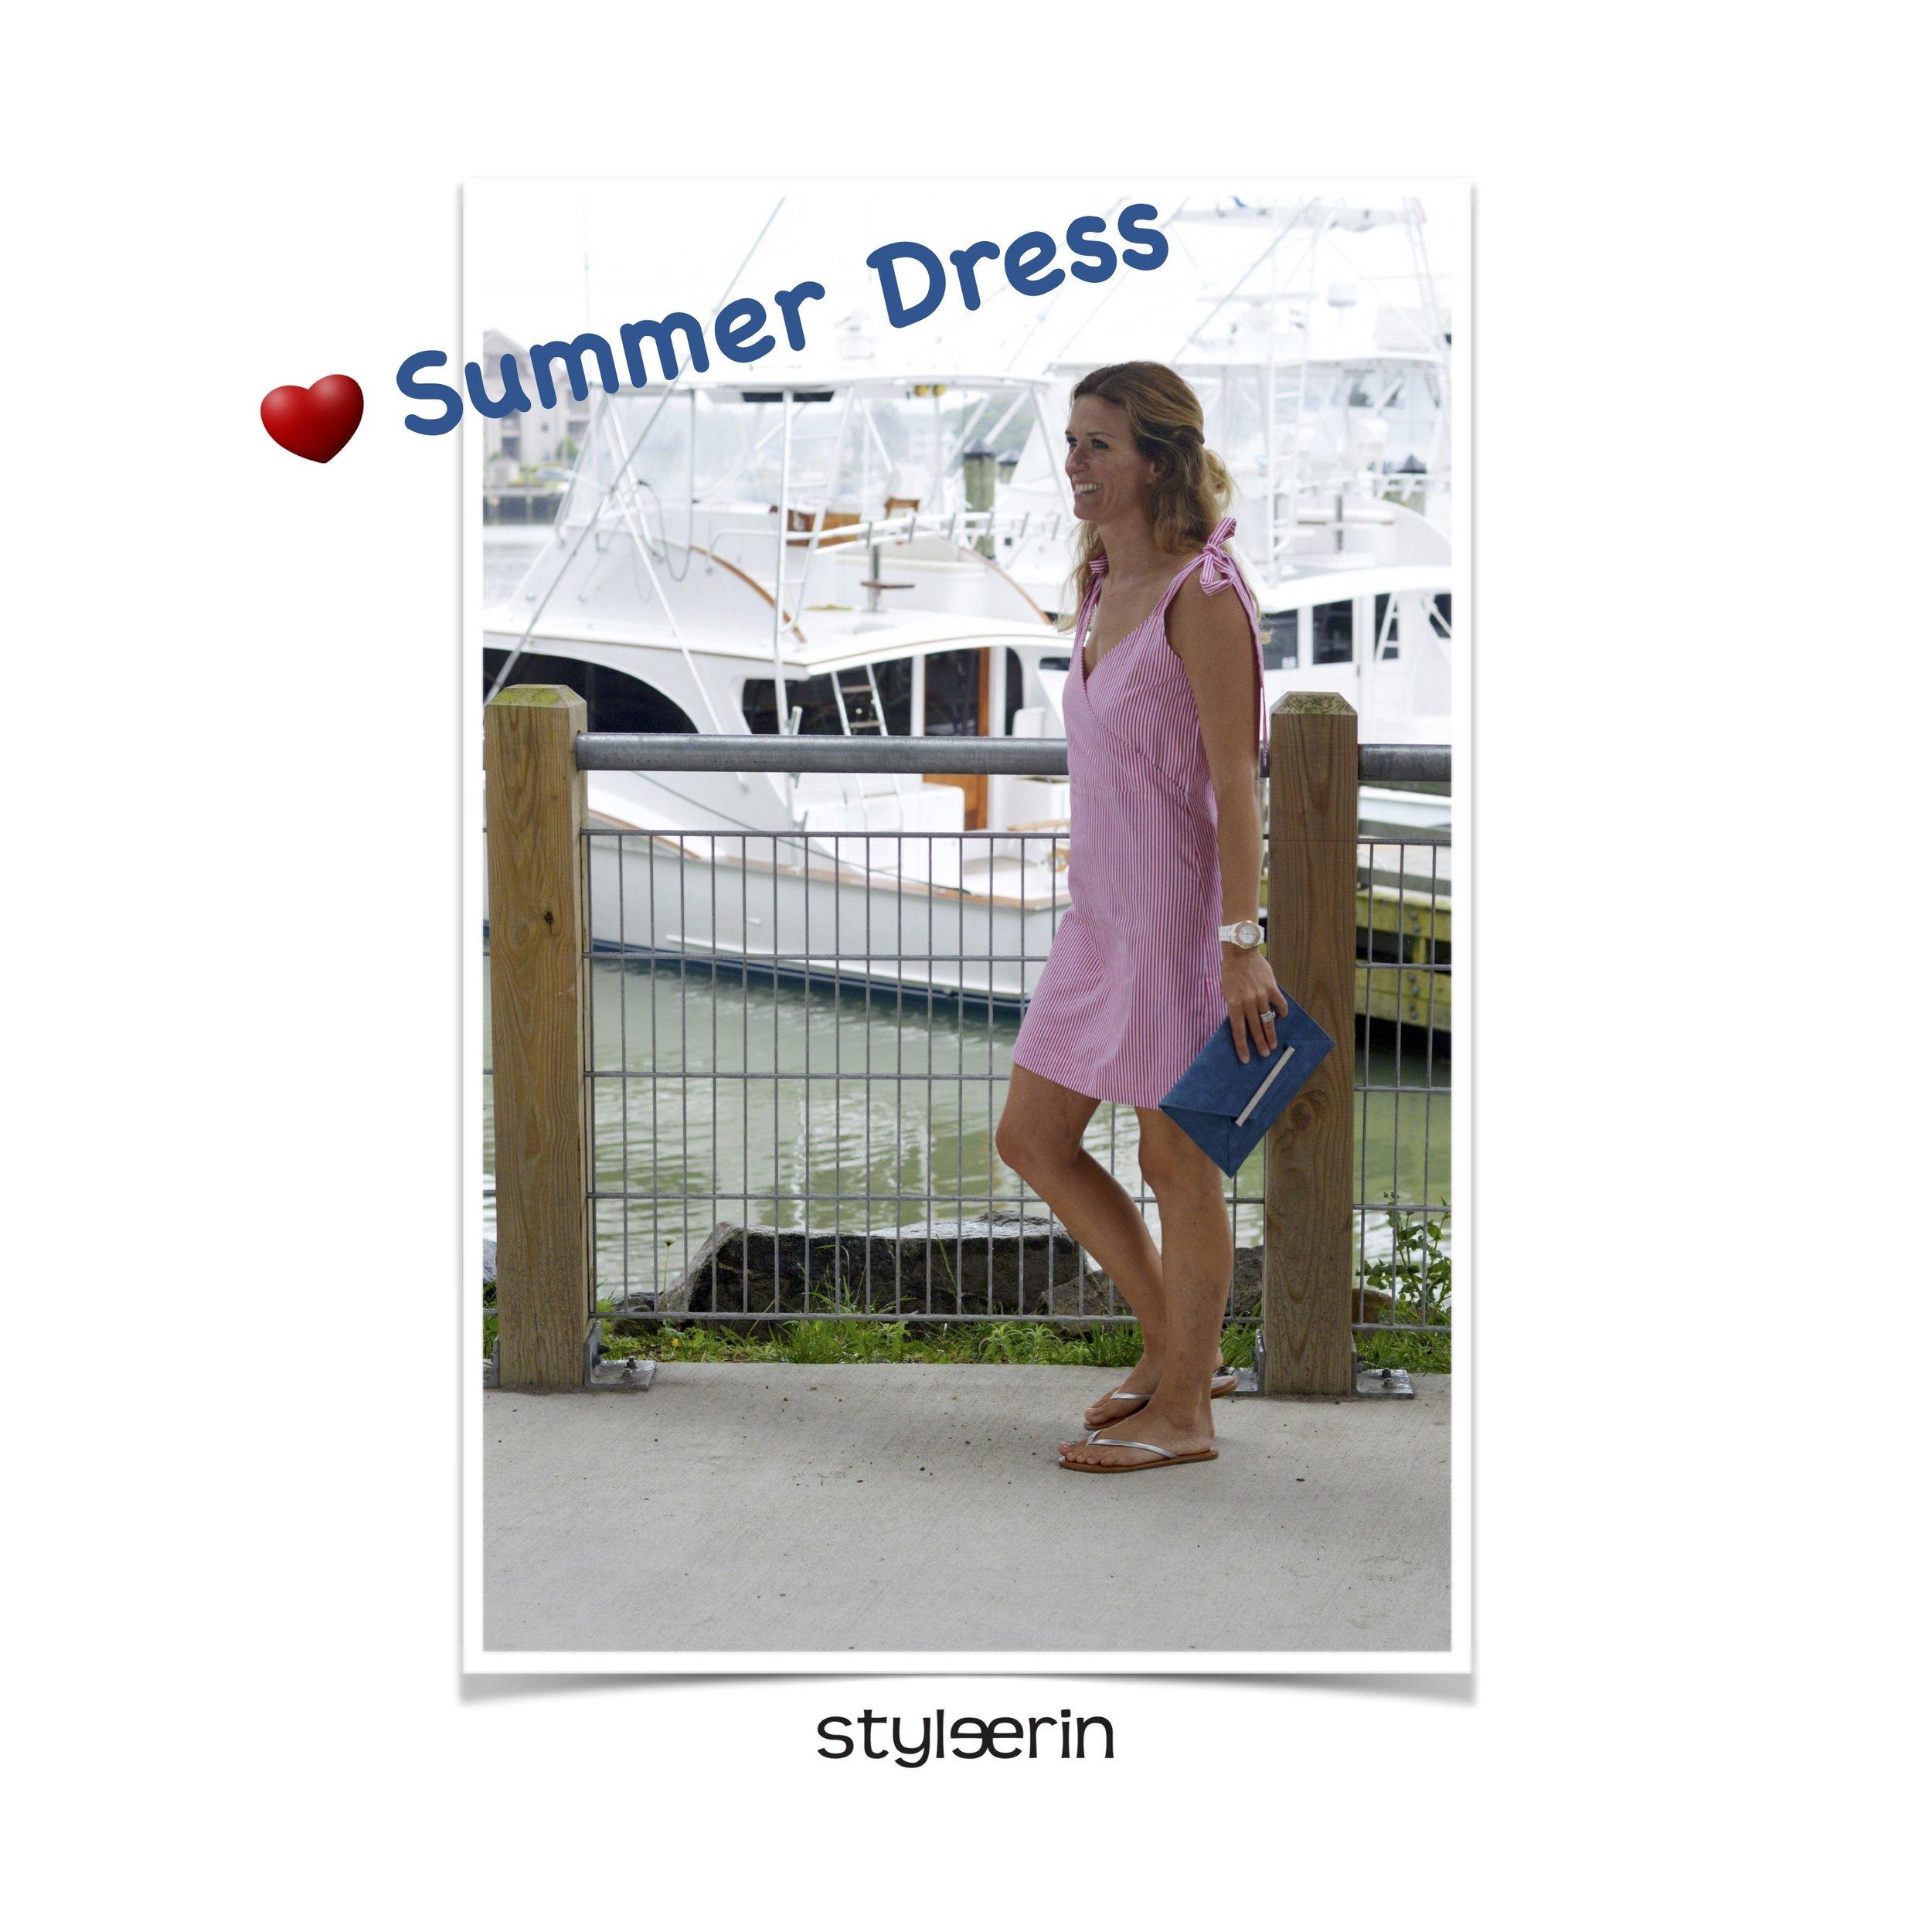 summerdress.jpg